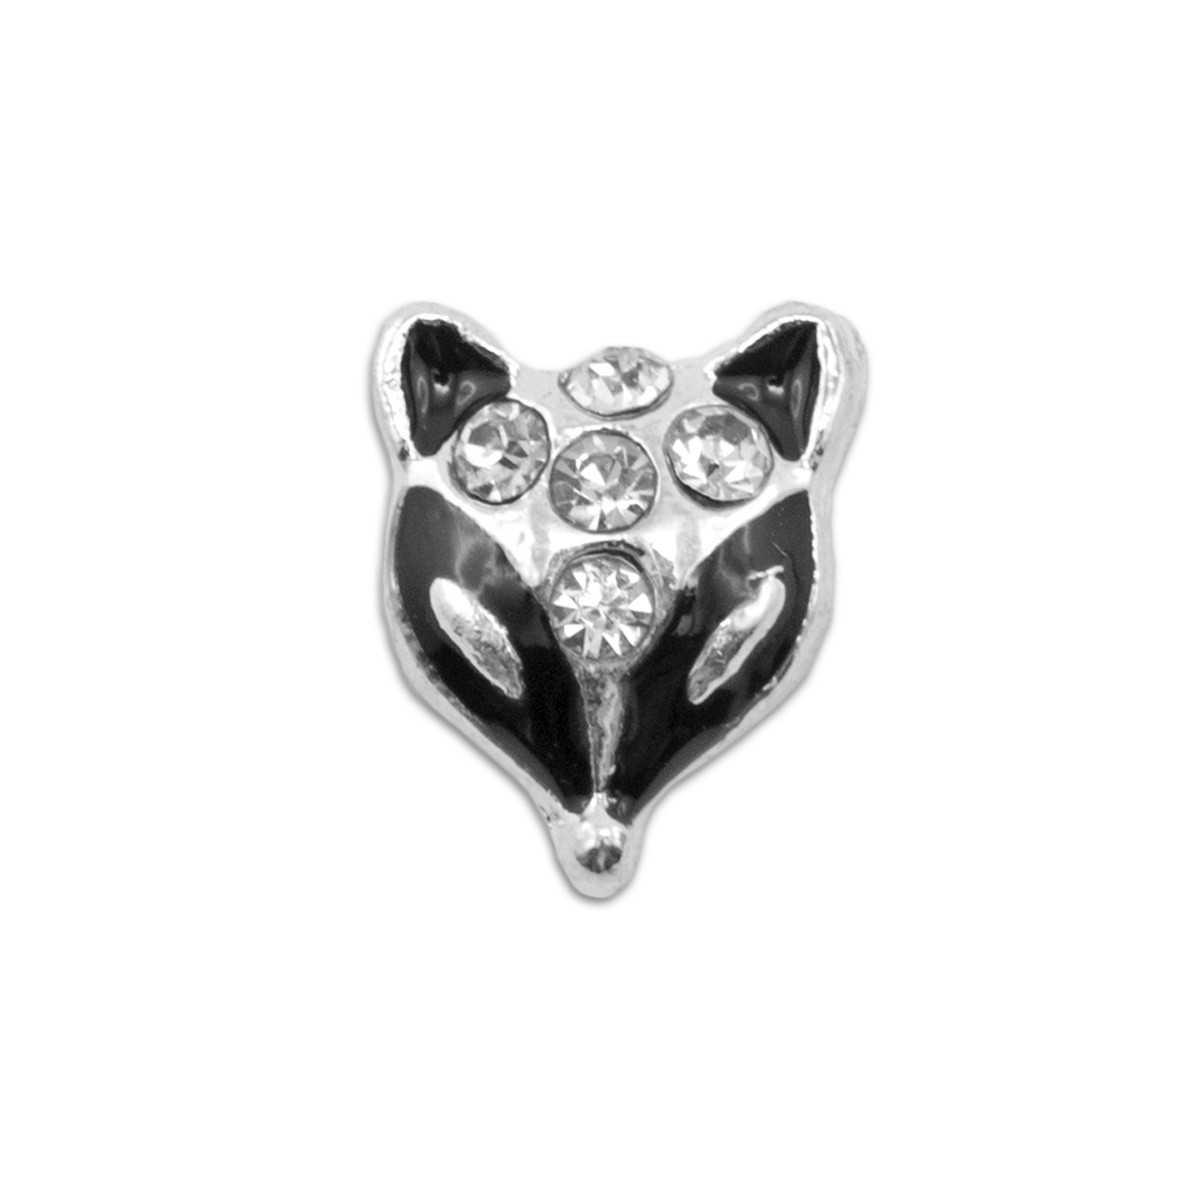 https://www.kit-manucure.com/1567-thickbox_default/bijoux-pour-ongles-renard-argent-noir-et-strass.jpg